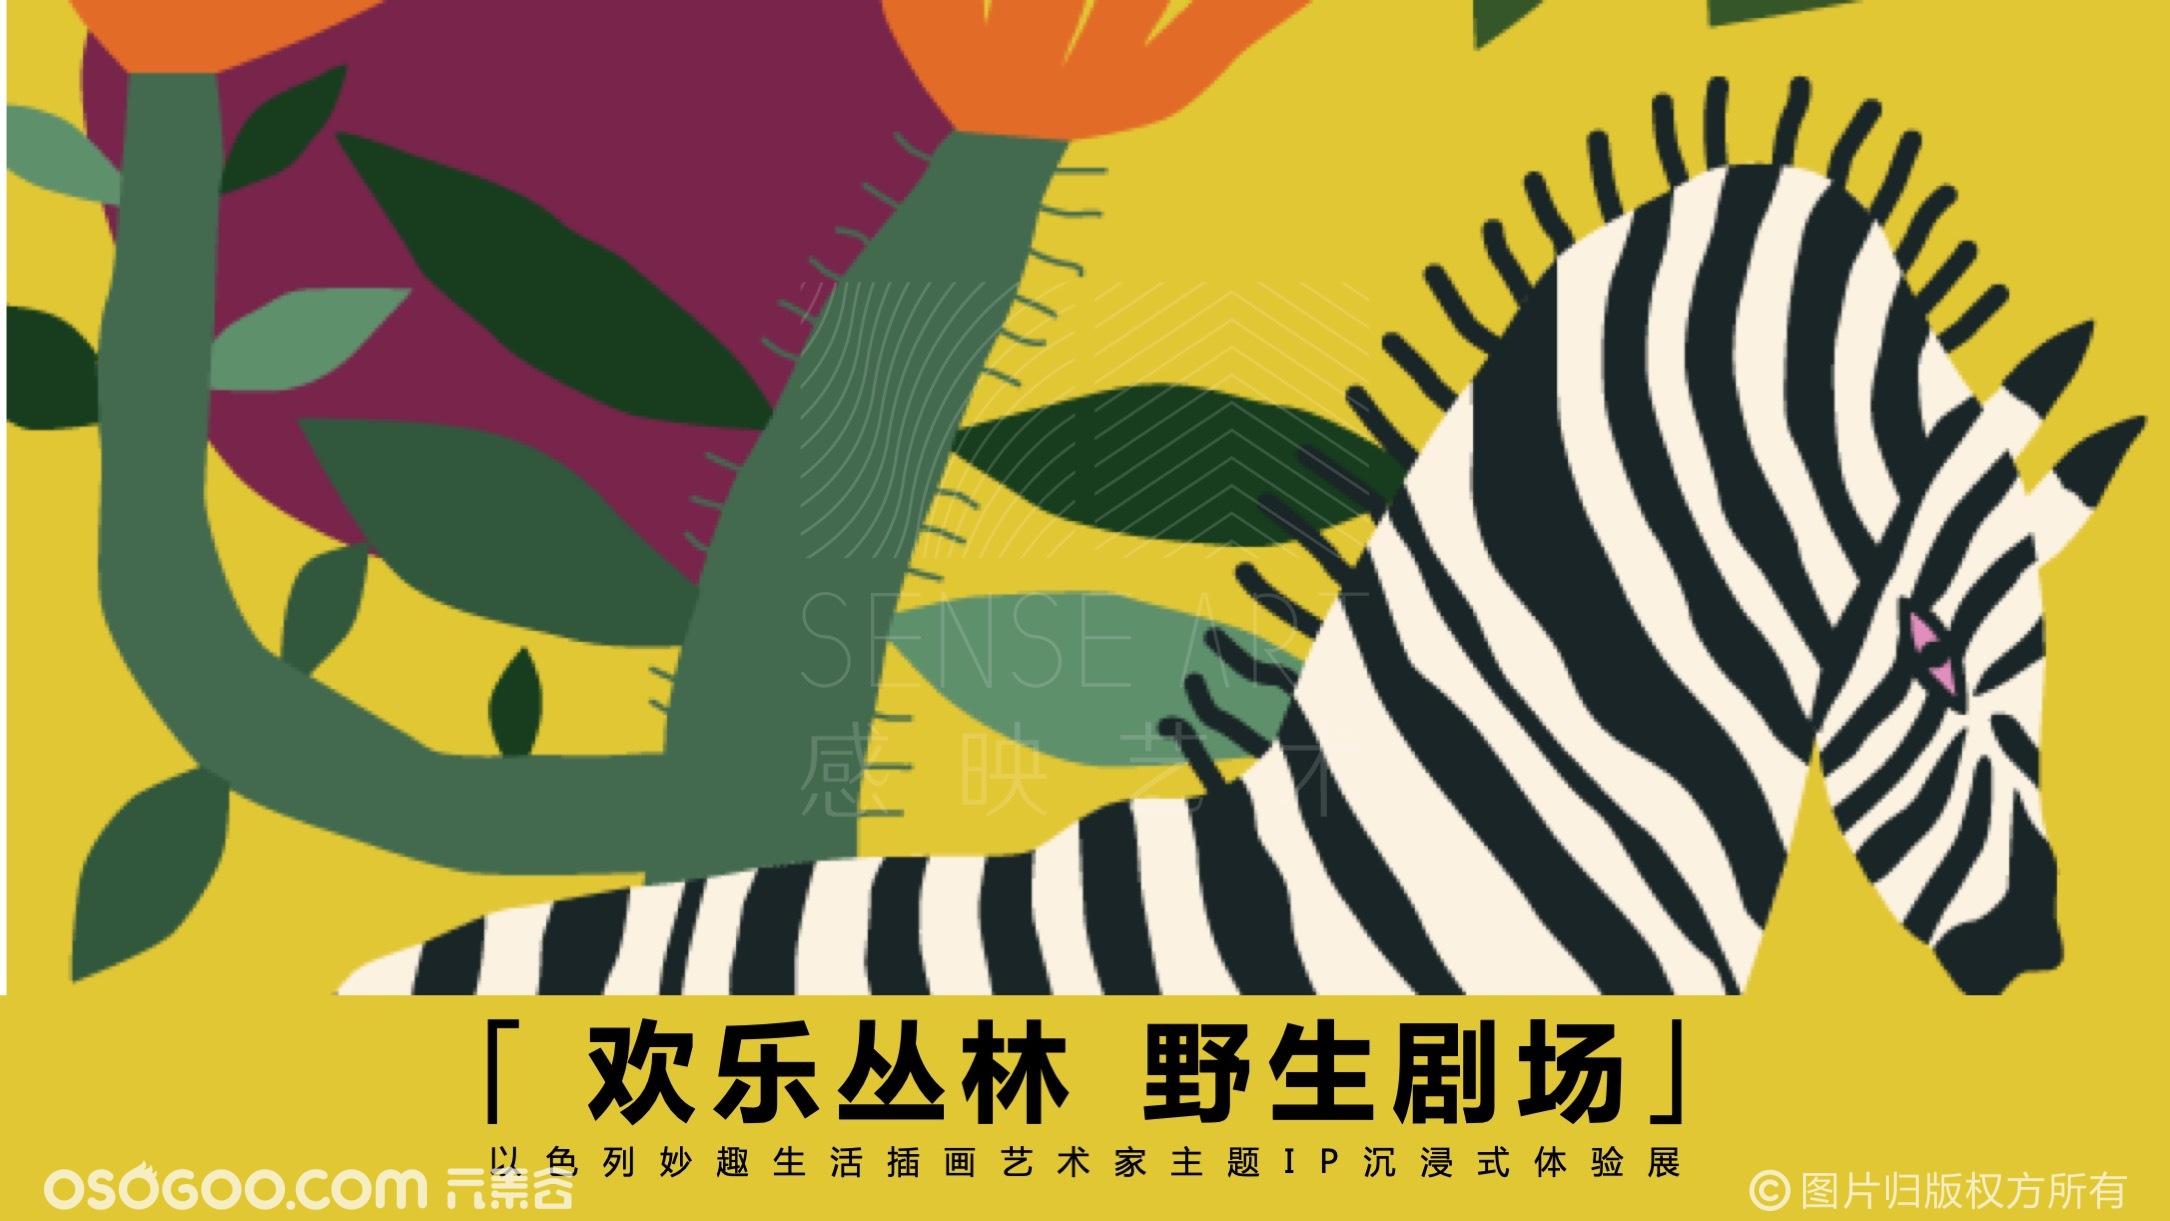 【欢乐野生剧场】以色列妙趣生活插画艺术家主题IP沉浸式体验展